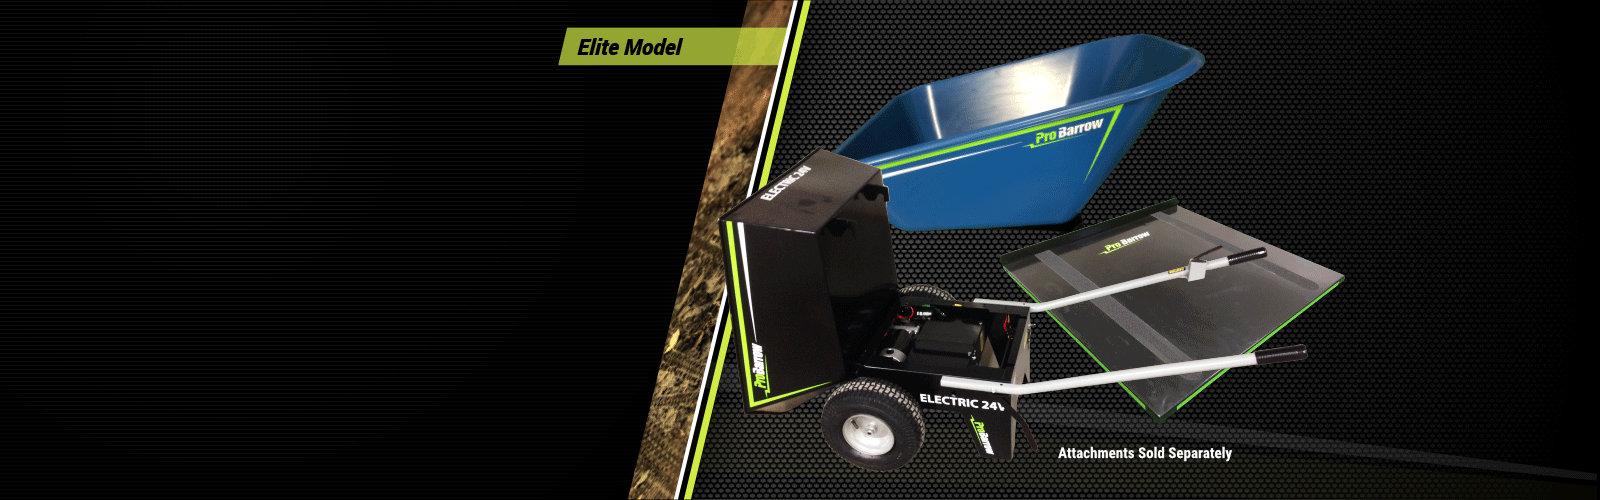 elite-model